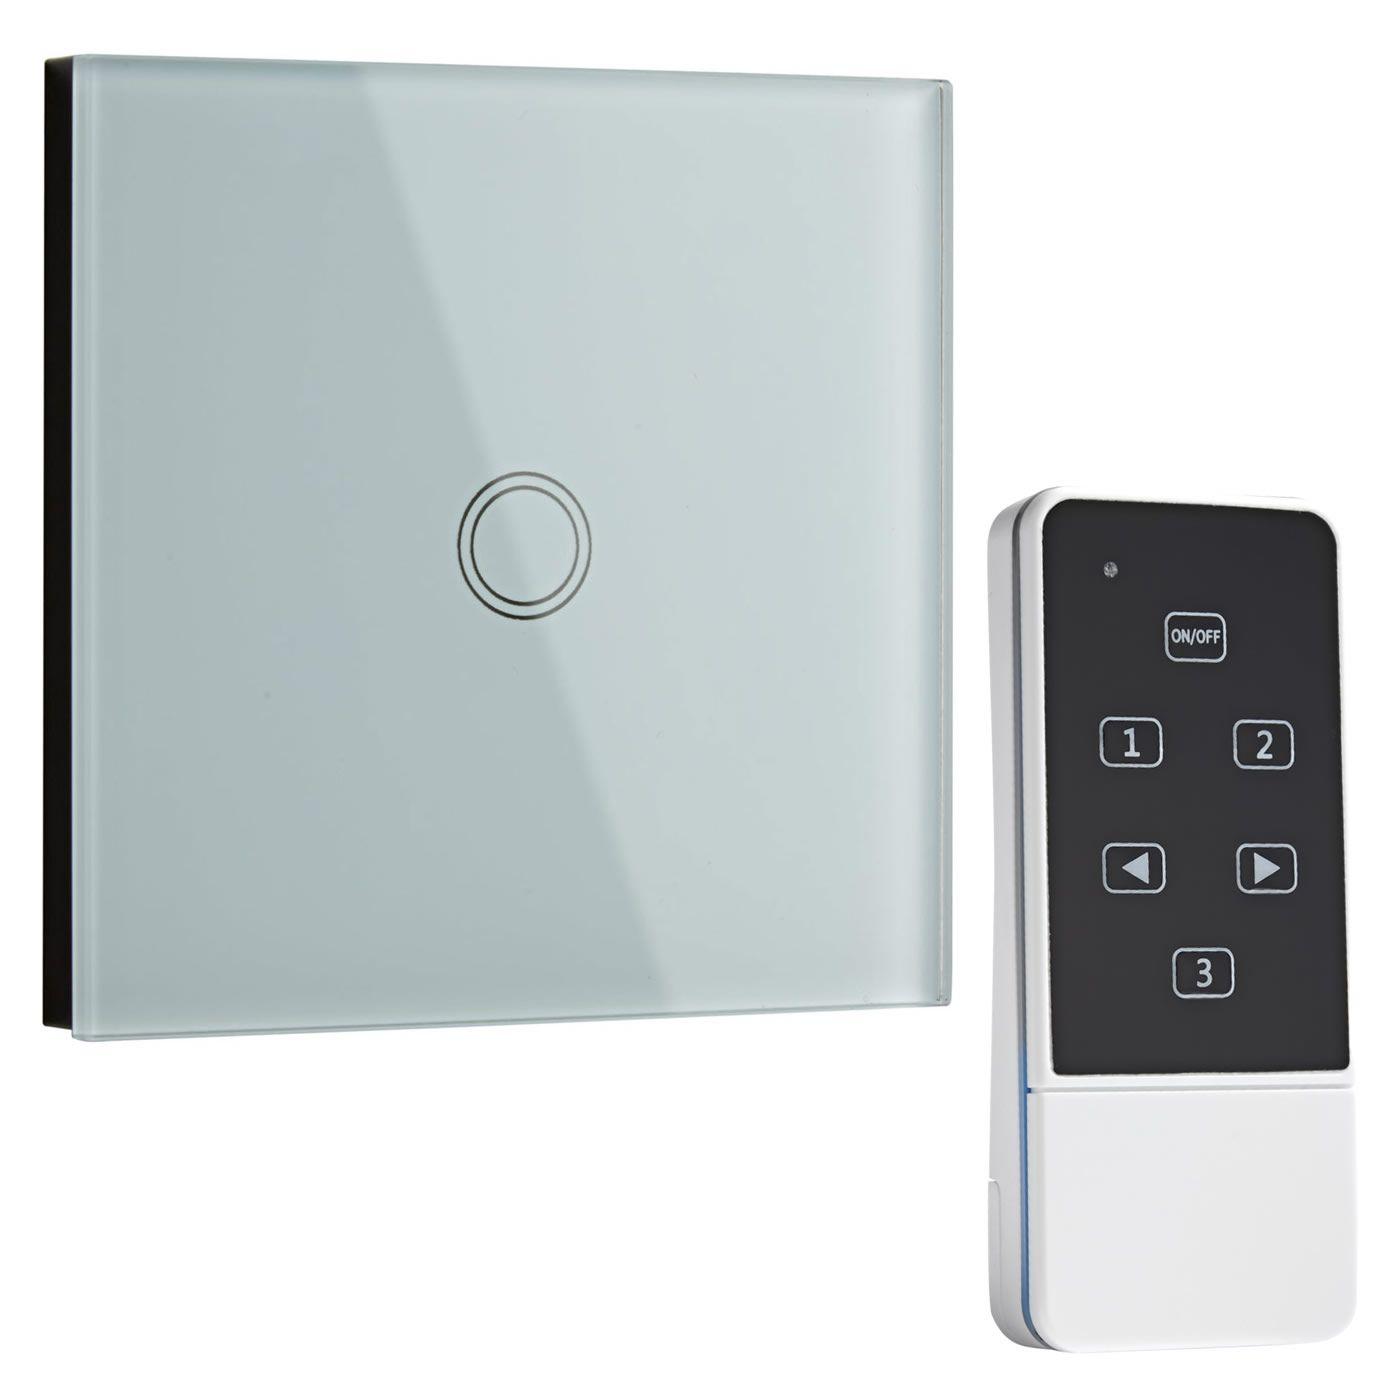 Interruptor de Diseño de Pared Blanco con Mando de Control